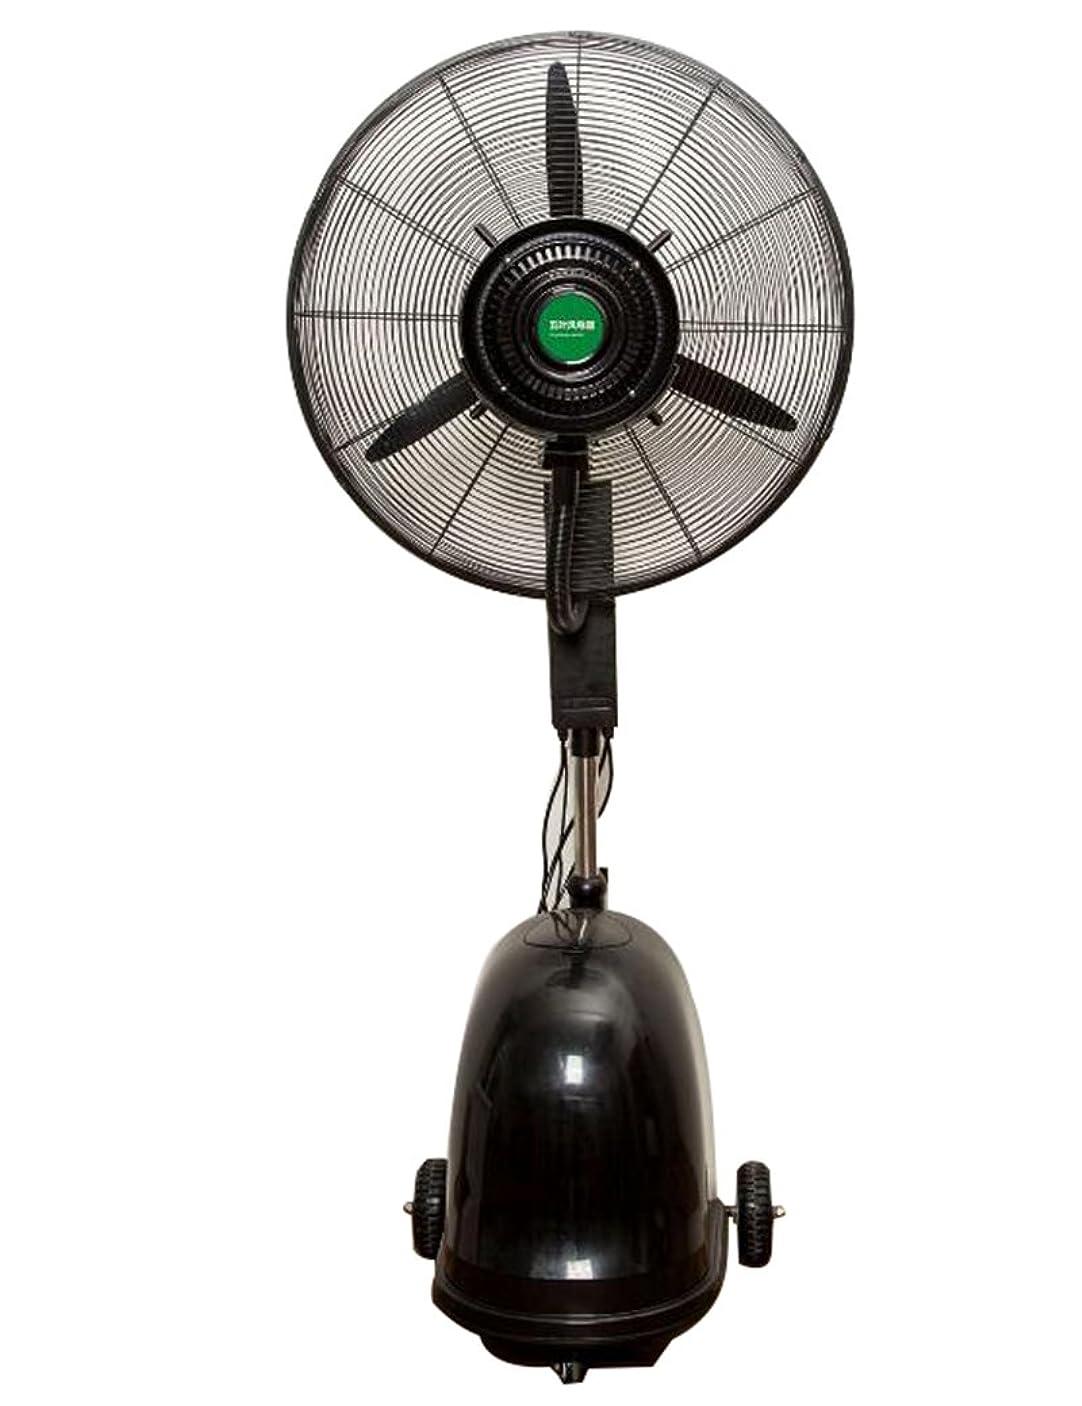 満足目的投票Zhang Xiao振動ミストファン 床置型壁掛け扇風機 - 工業用スプレー扇風機41L水タンク冷却水ミスト電動ファン屋外霧化プラス水加湿